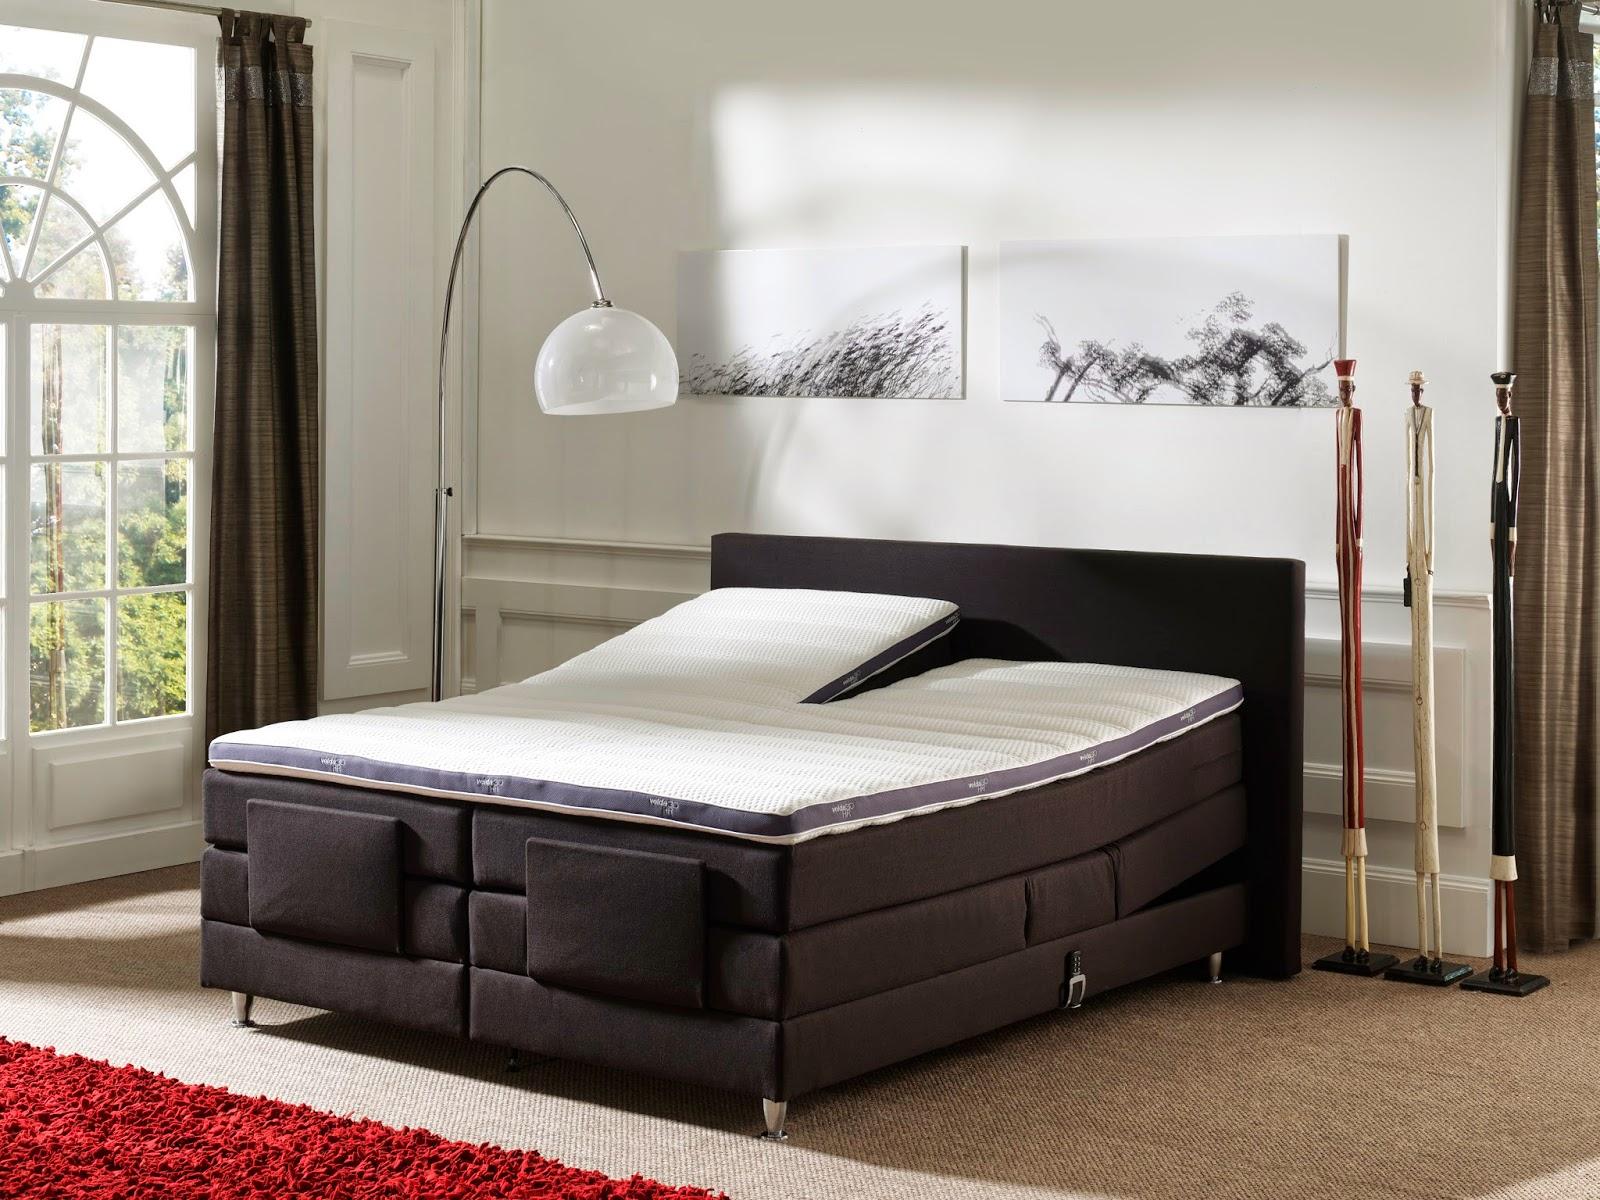 m bel ausstellungsst cke in m nchen bei der shogazi schlafkultur super mega preiswertes. Black Bedroom Furniture Sets. Home Design Ideas